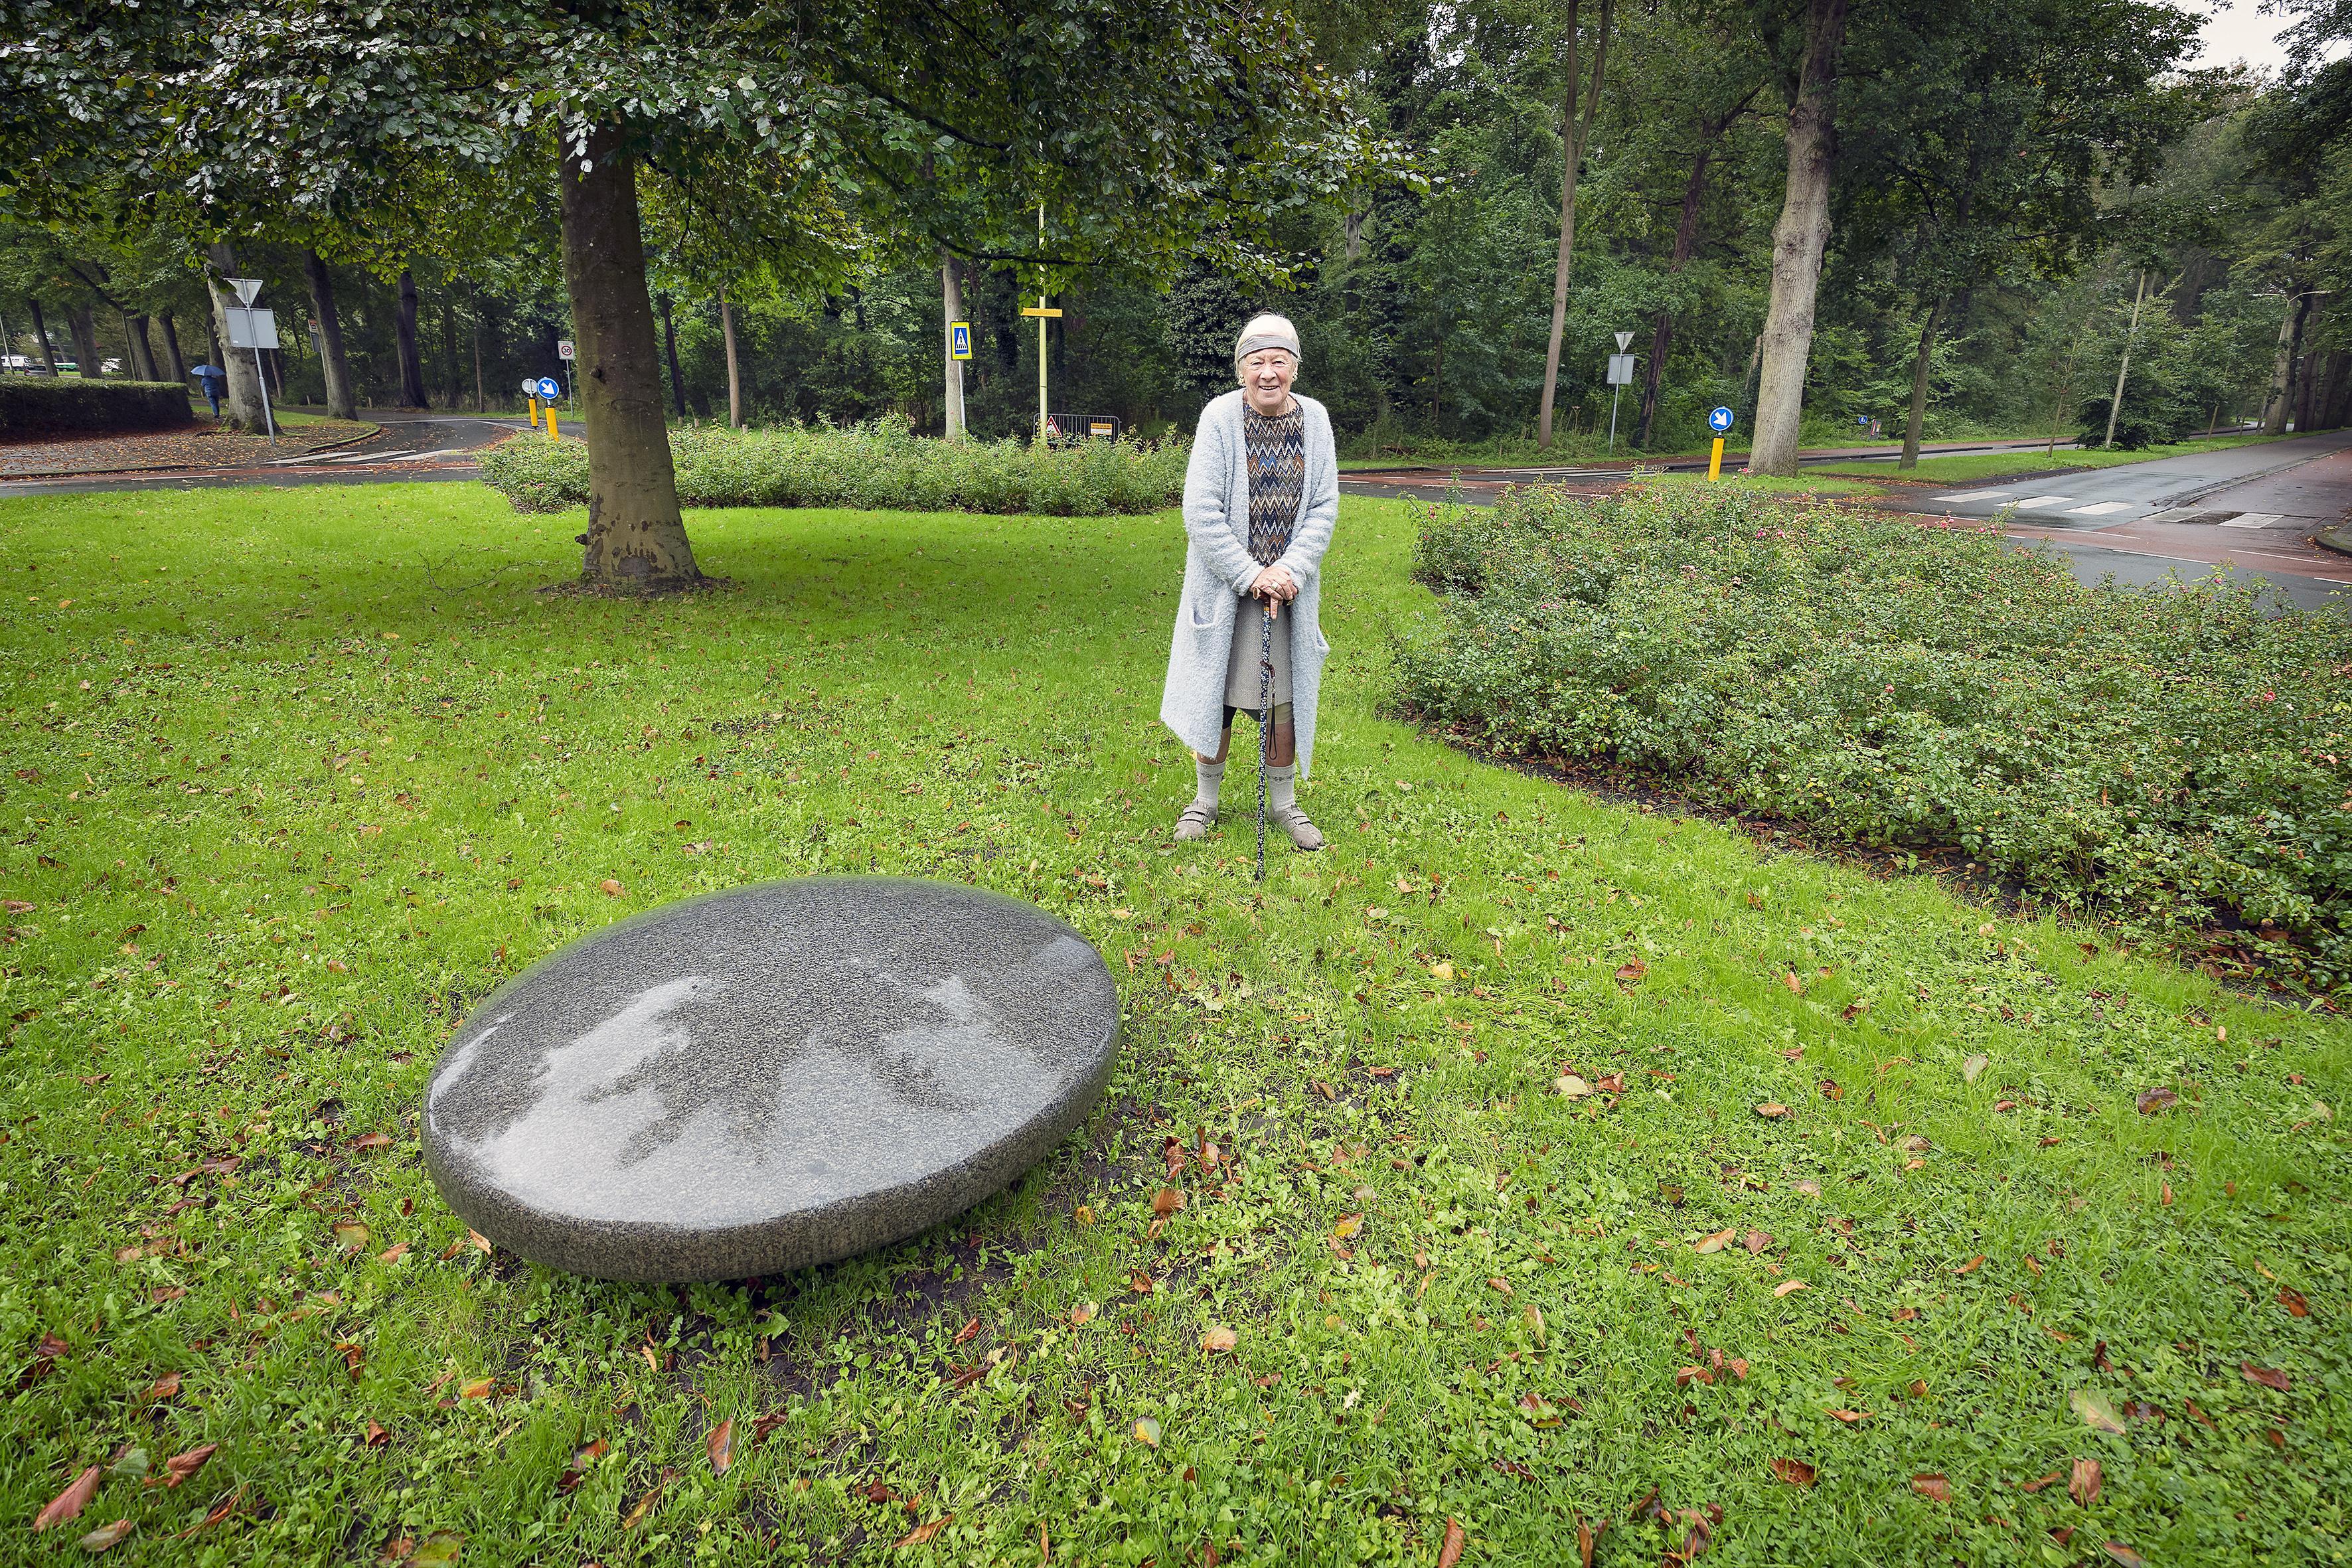 Bloemendaalse Hens Gottmer (87) schenkt kunstwerk aan gemeente: 'Ik ben mijn leven aan het opruimen'